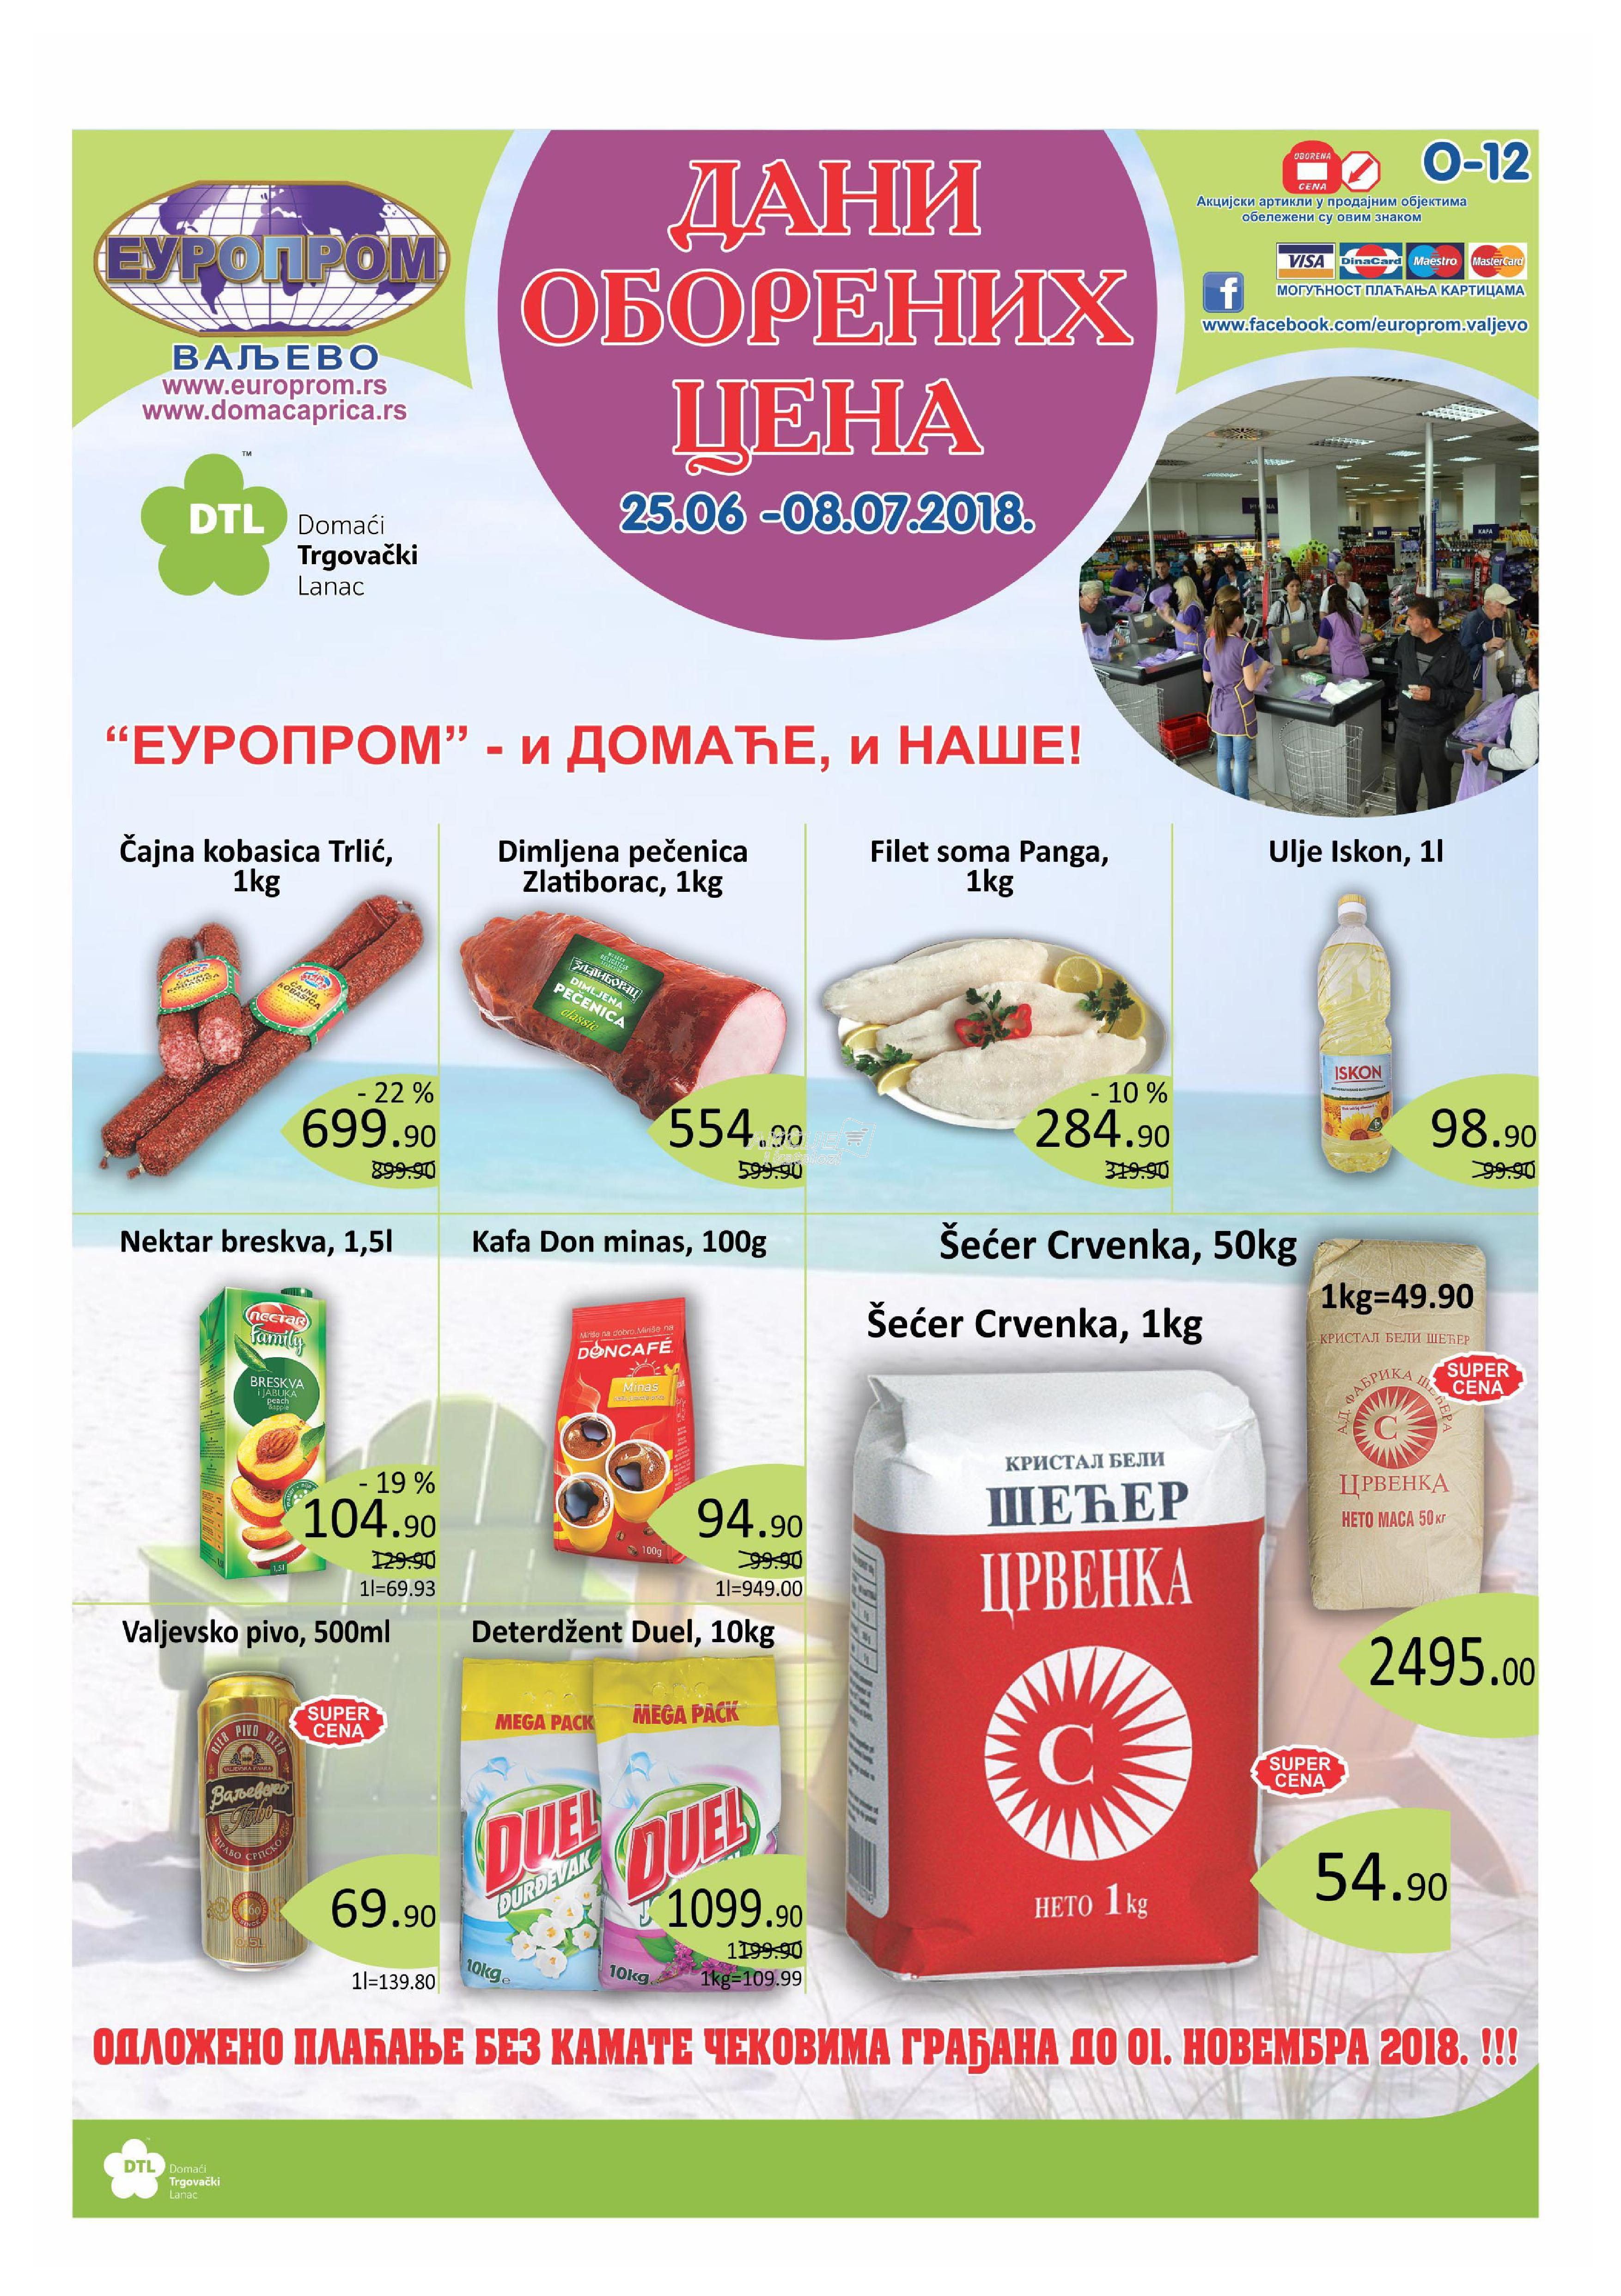 Europrom akcija super cena